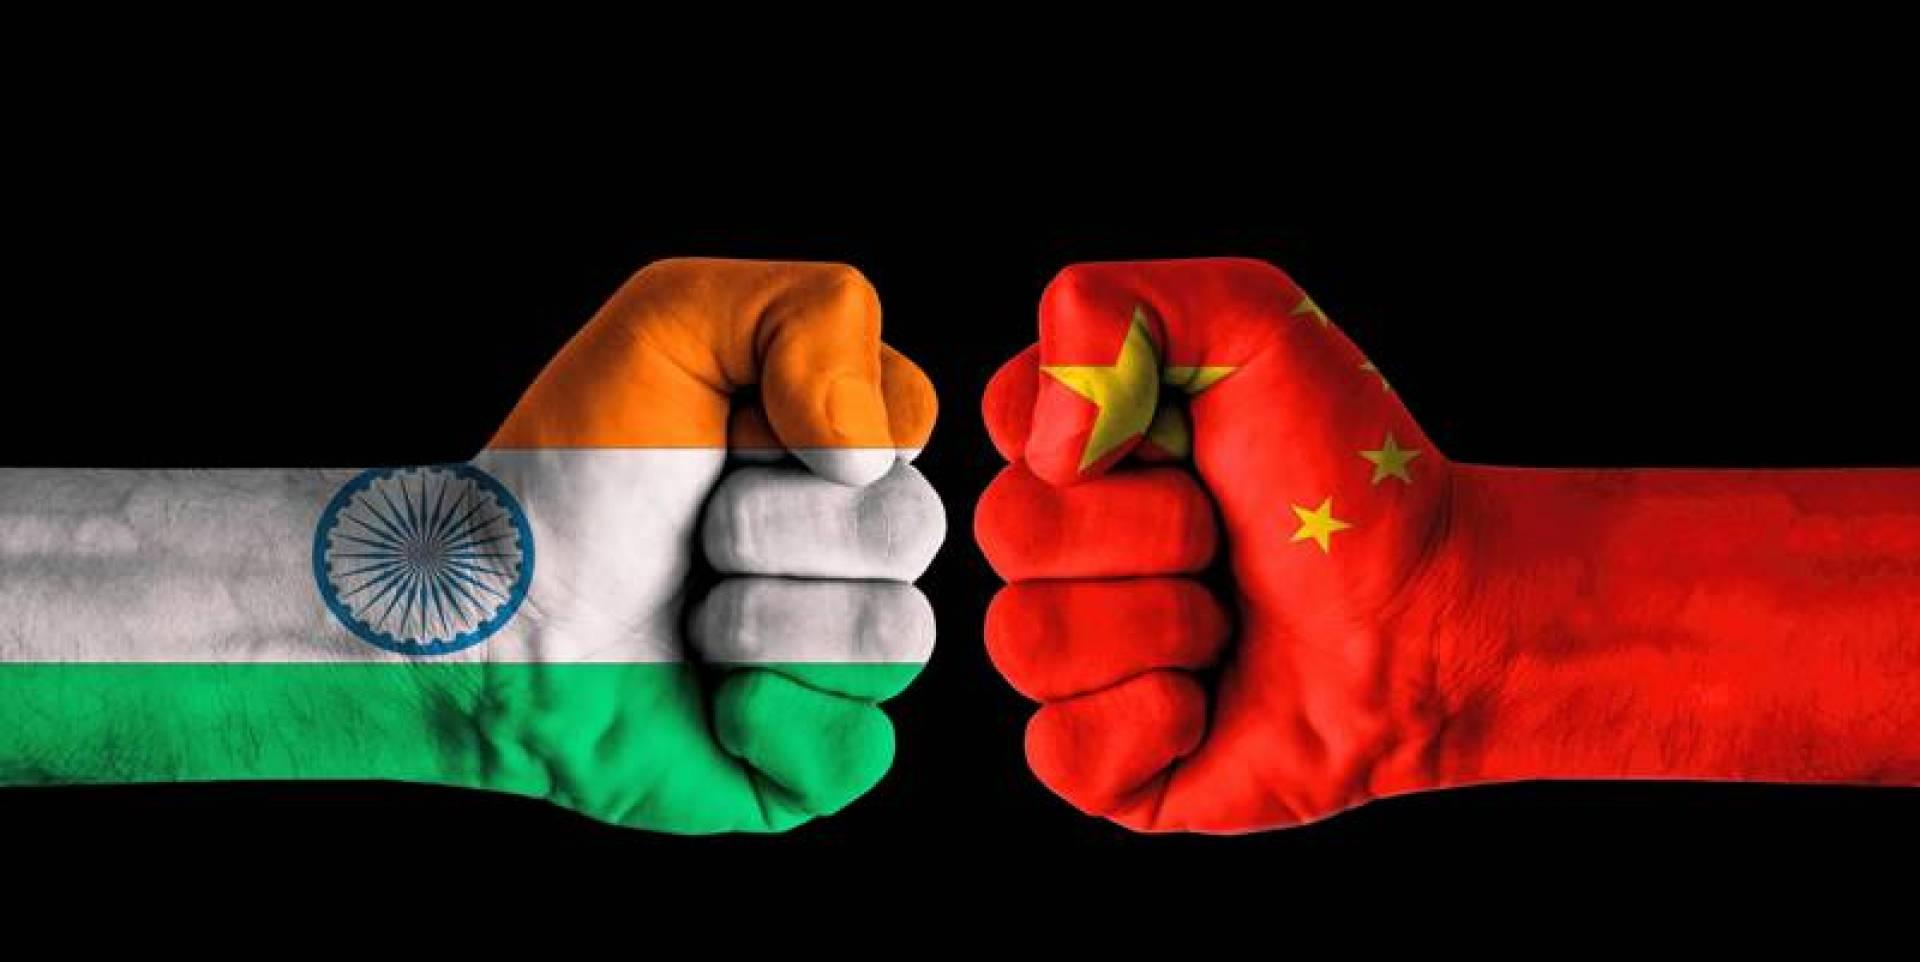 حرب تجارية في الشرق!